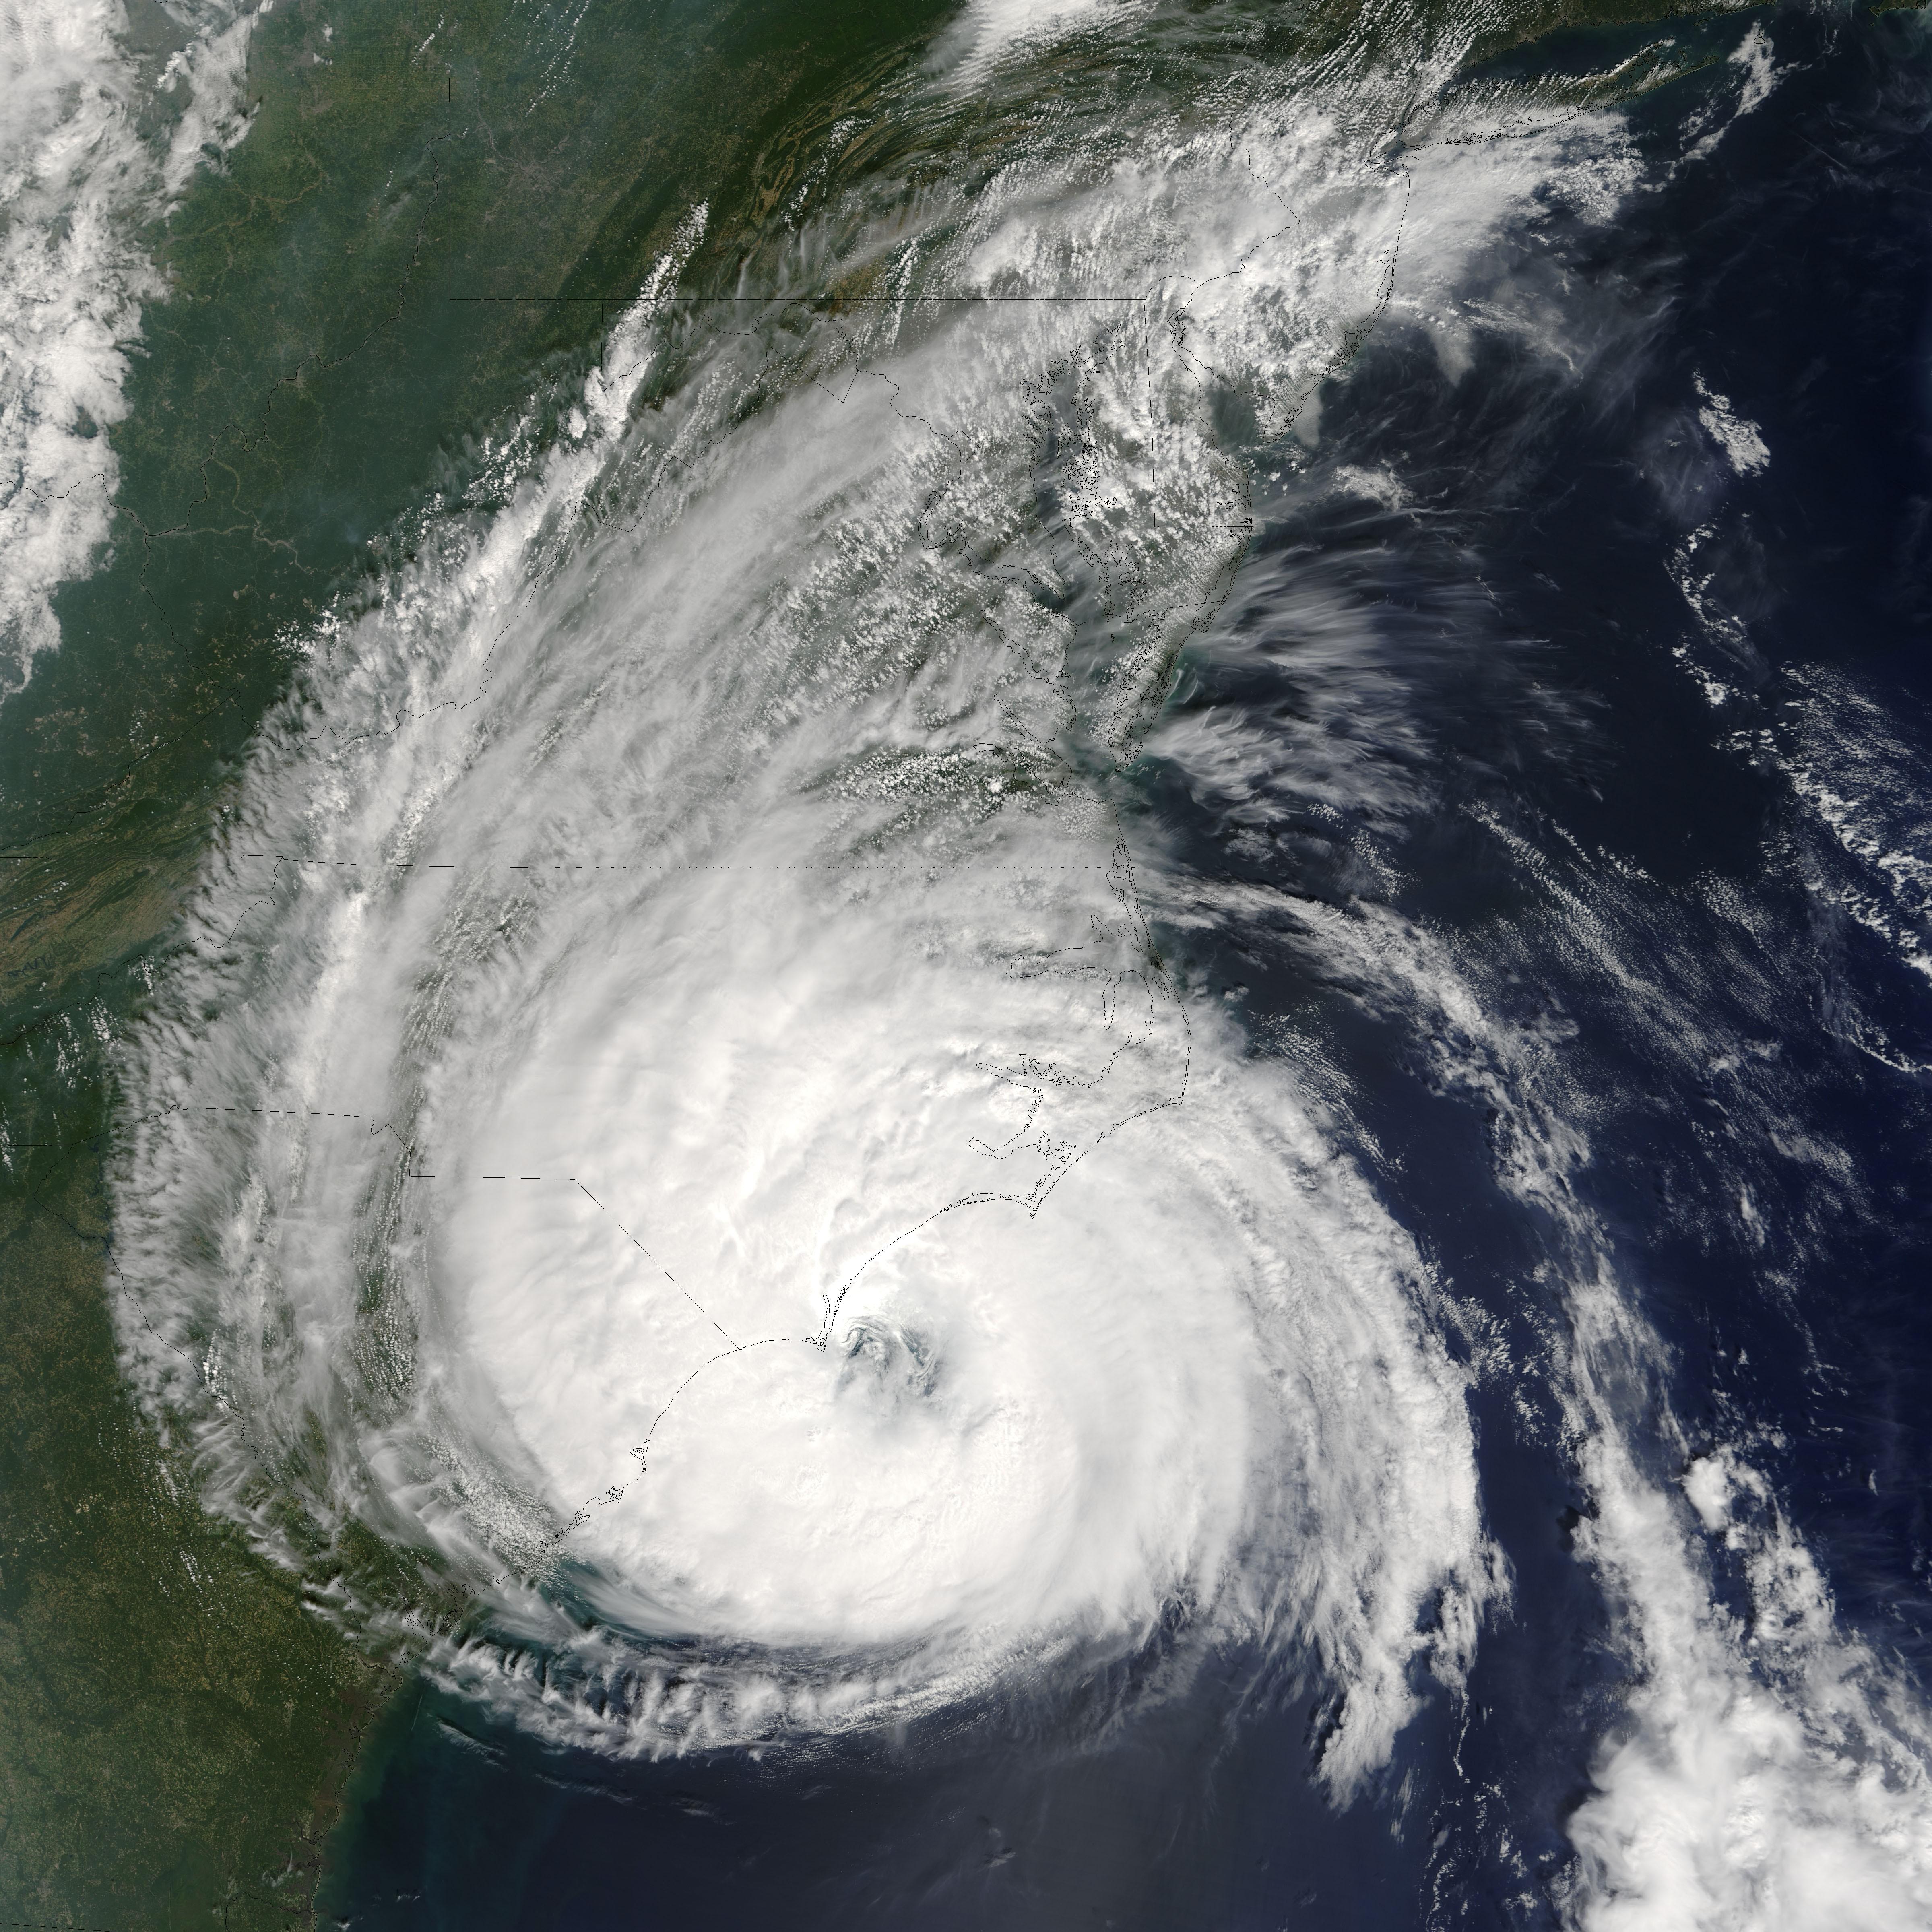 File:Hurricane Ophelia 9142005.jpg